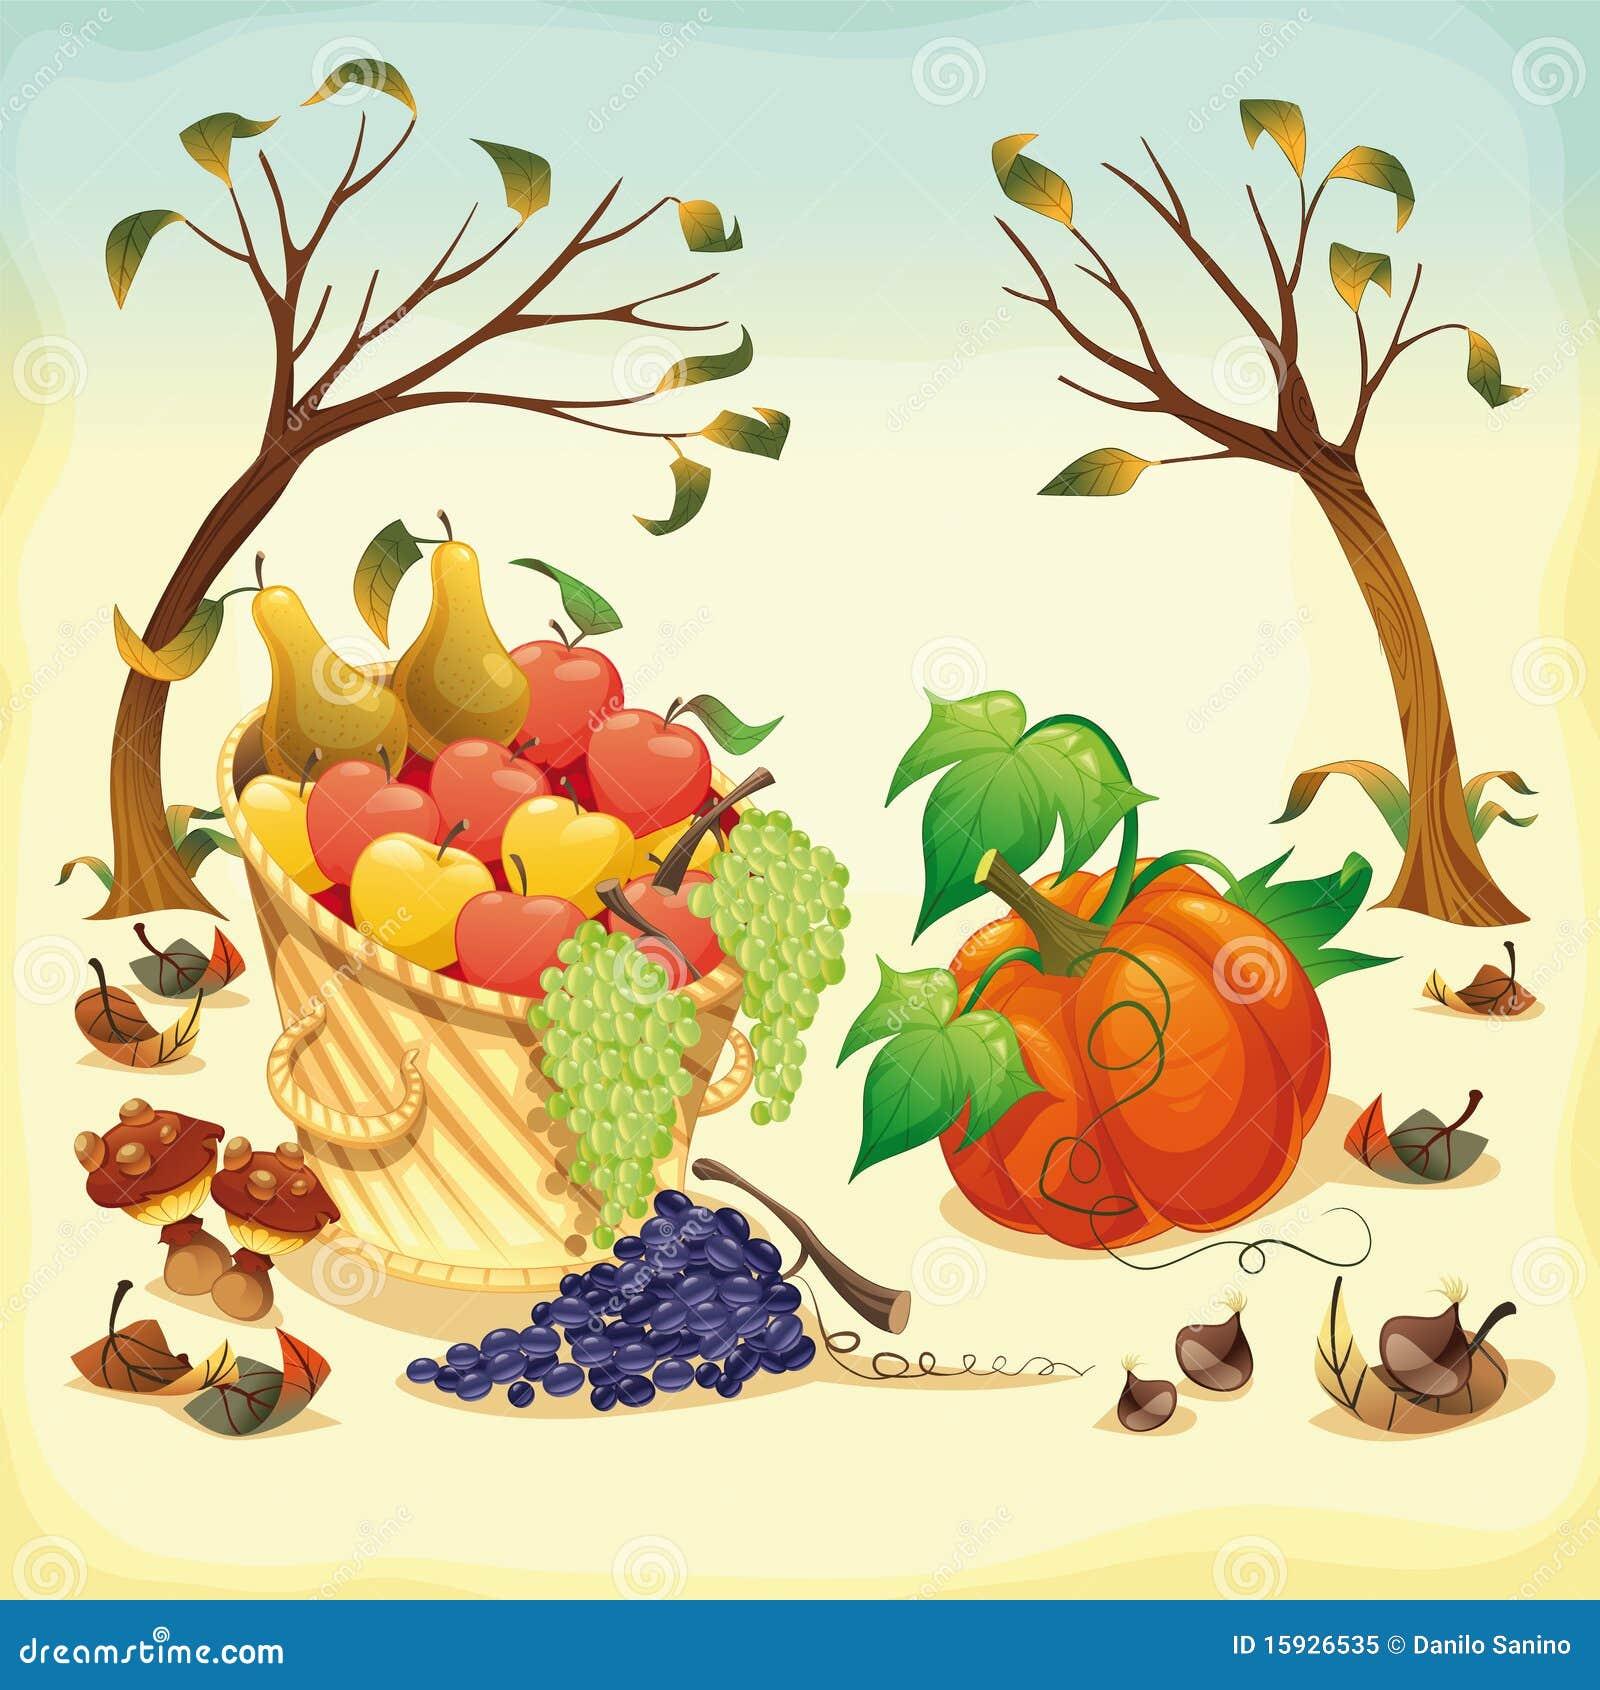 Obst und gemüse im herbst vektorabbildung getrennte nachrichten